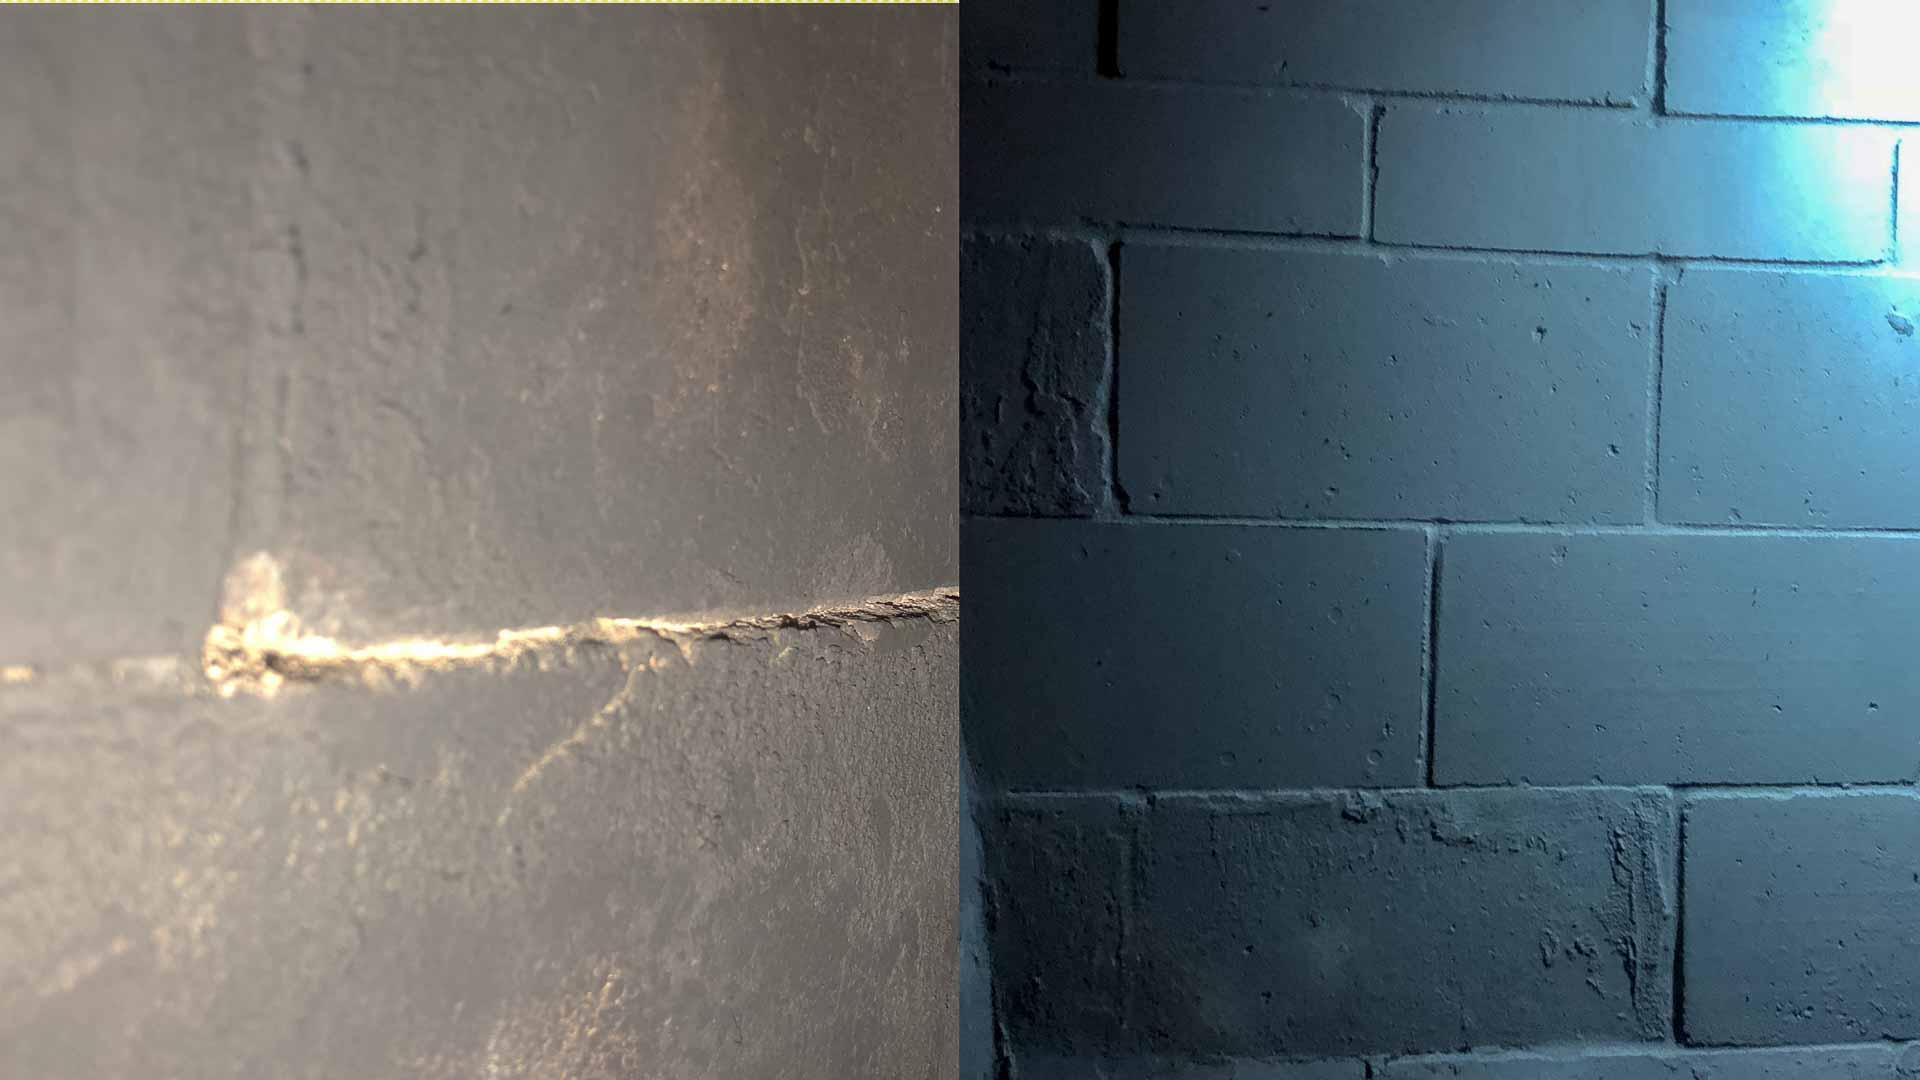 Fireplace Repair Cracked Firebox